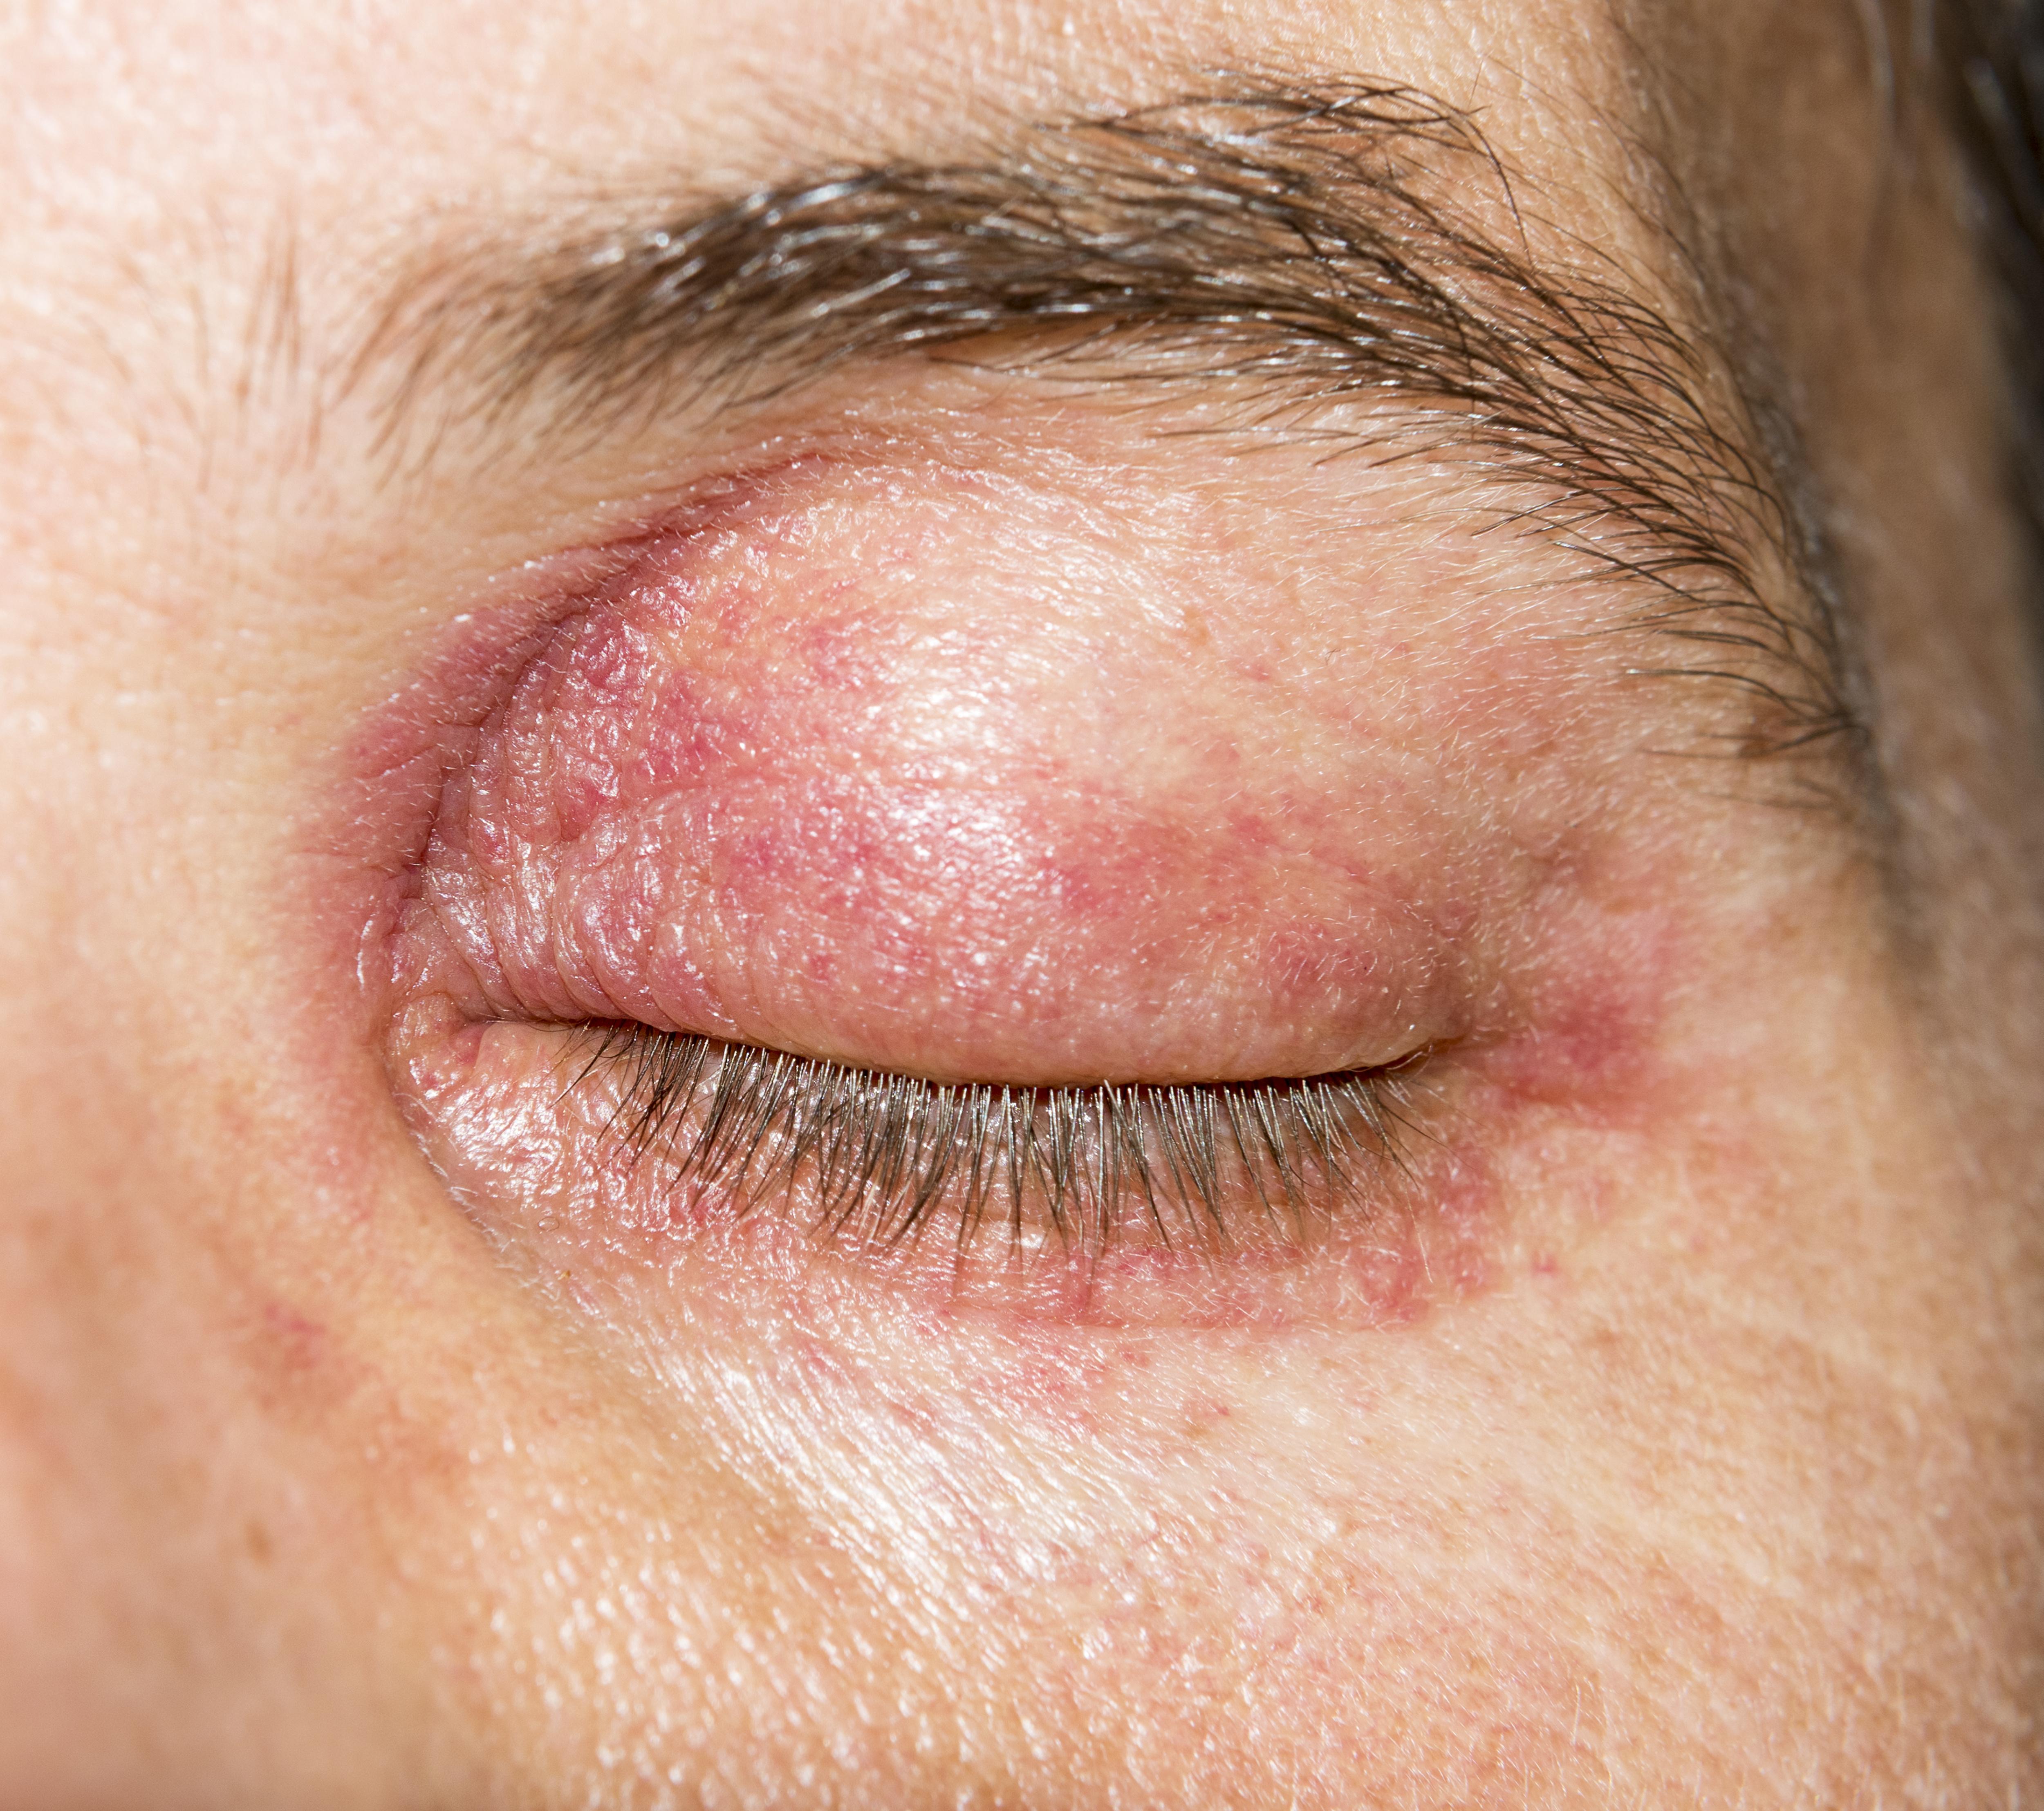 vörös viszkető foltok a szem körül